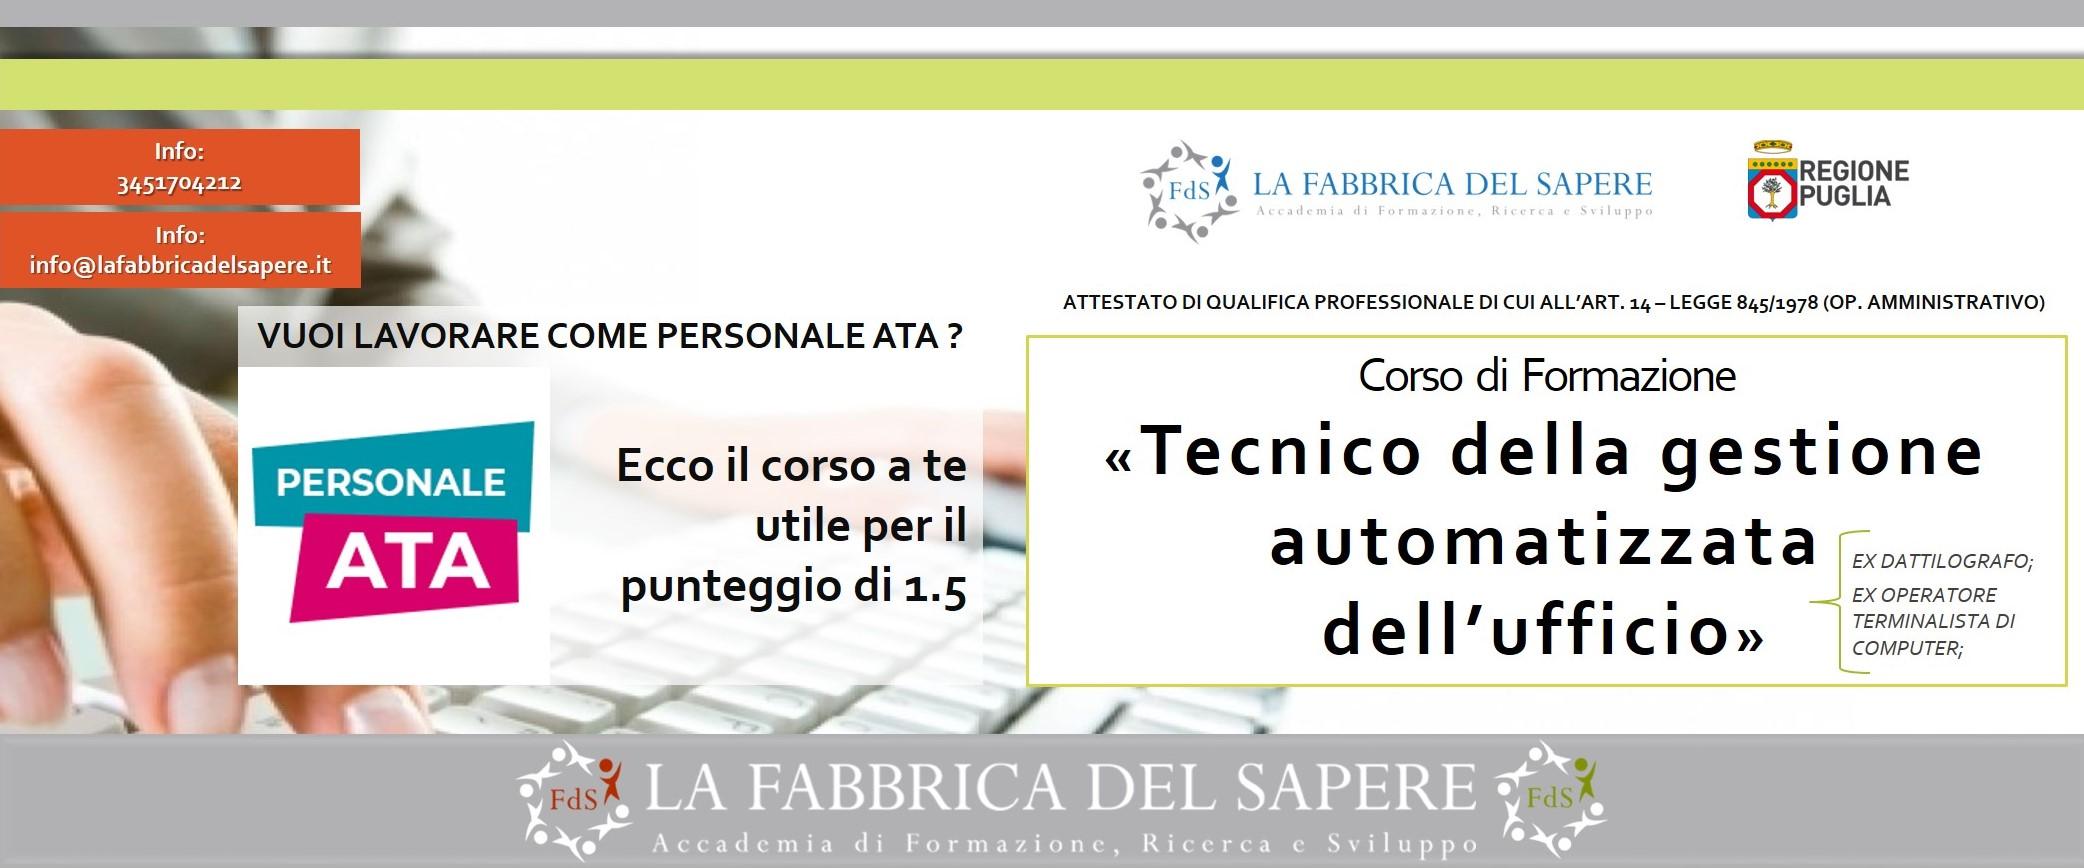 tecnico gestione automatizzata